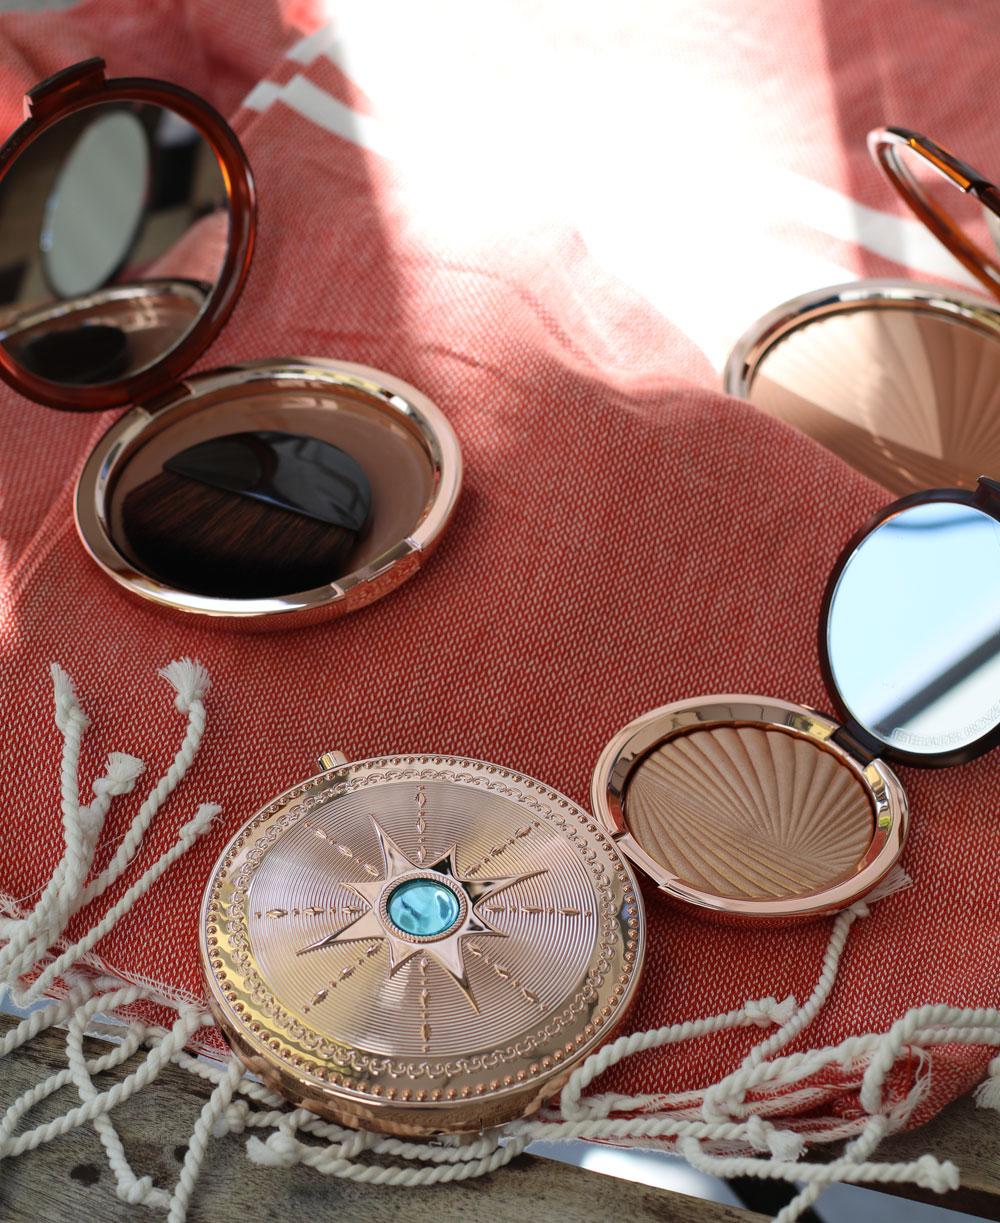 Auf sonrisa gibt es die neue Bronze Goddess Azur Kollektion von Estée Lauder nicht nur zum Anschauen, sondern auch zum Gewinnen! Viel Glück!